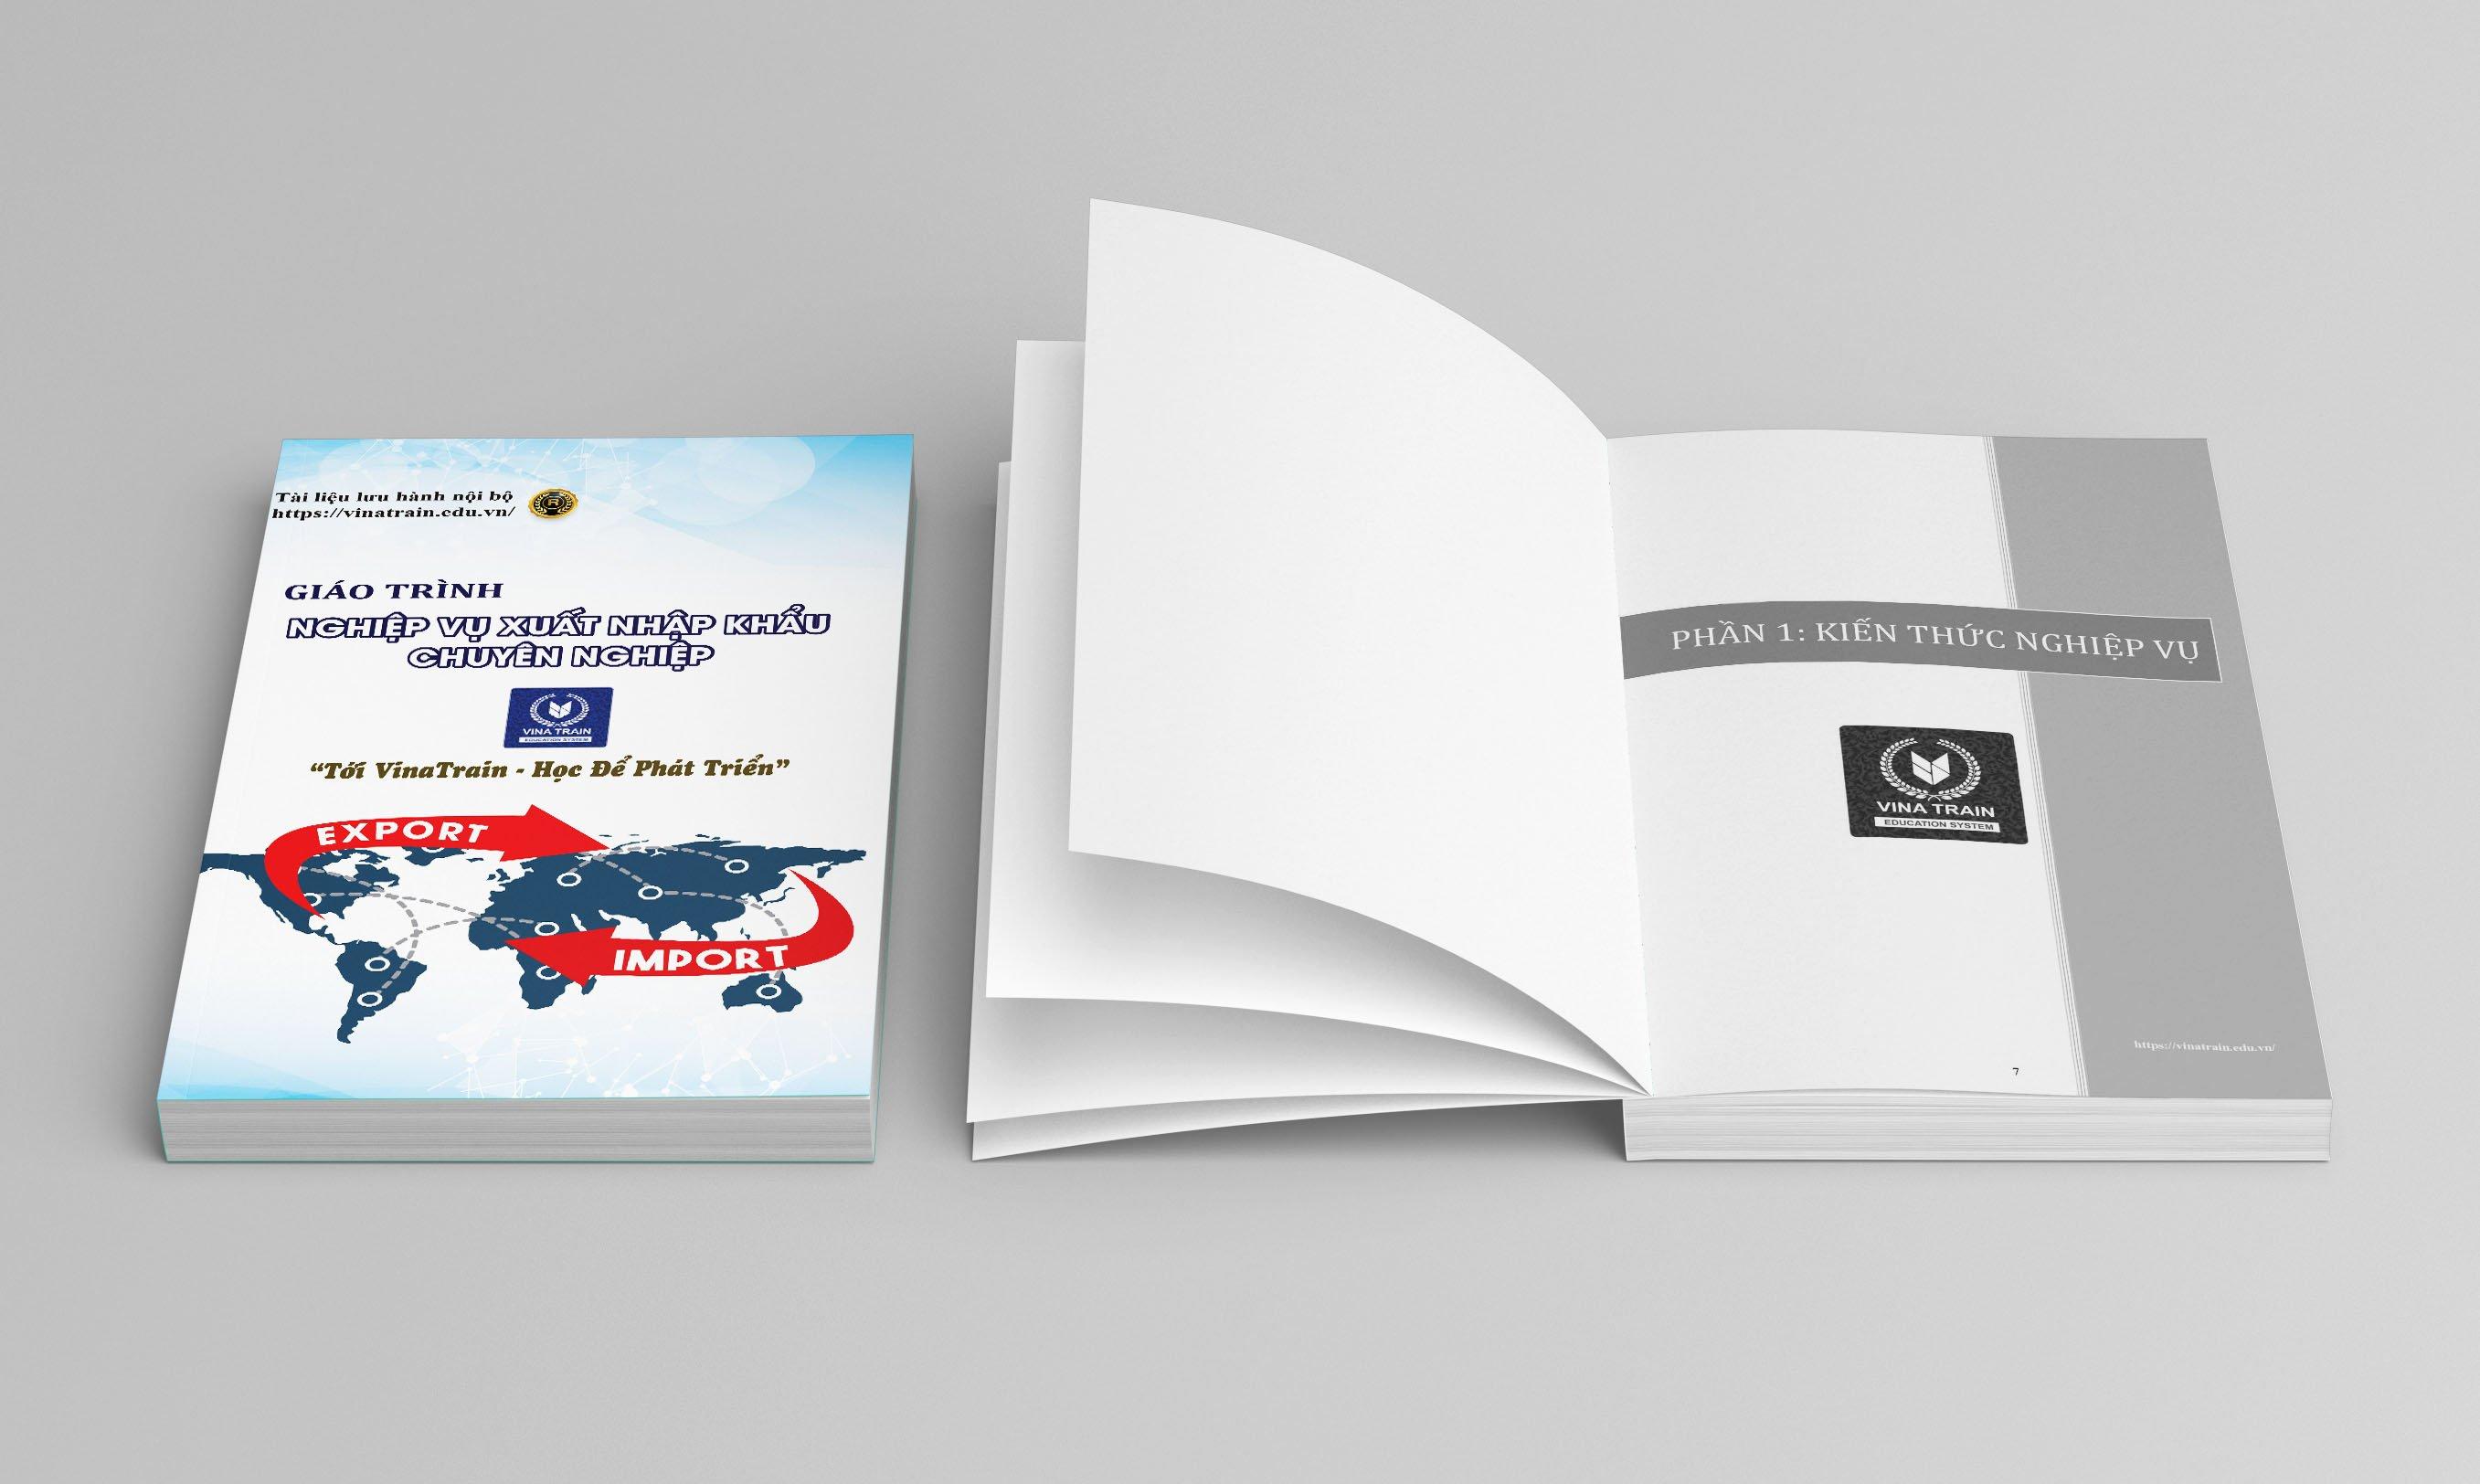 Sách nghiệp vụ xuất nhập khẩu được đưa vào giảng dạy tại trung tâm VinaTrain (Nguồn: Vinatrain)